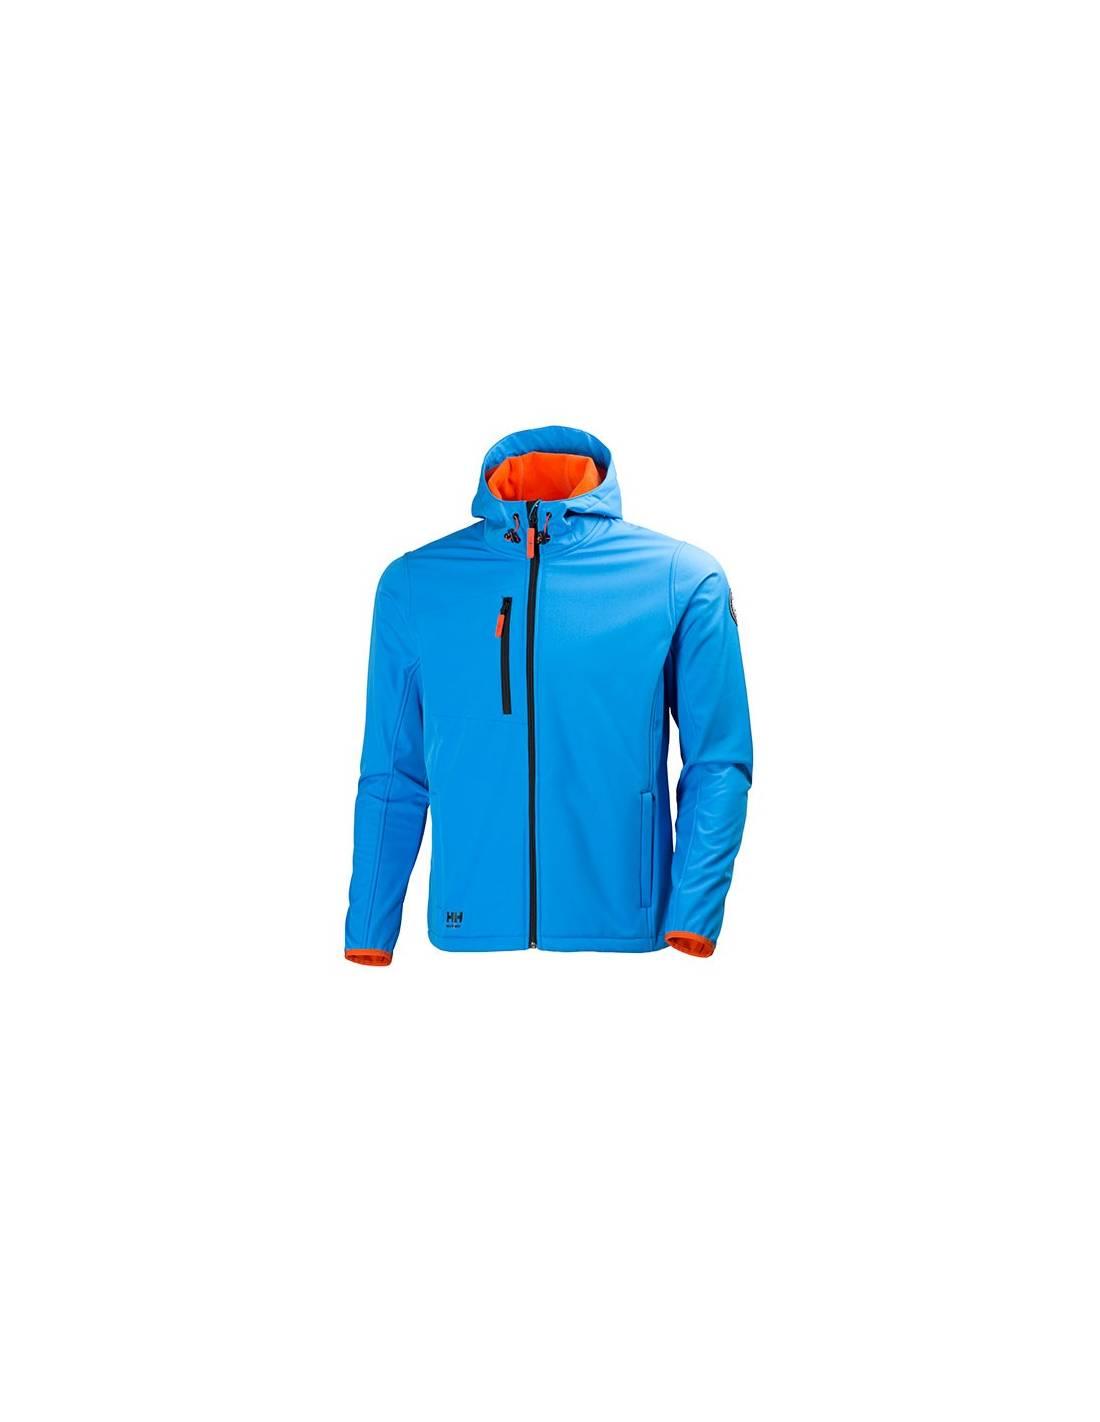 Chaqueta softshell Valencia Jacket azul de Helly Hansen COMPRAR ONLINE c8ac08a20475